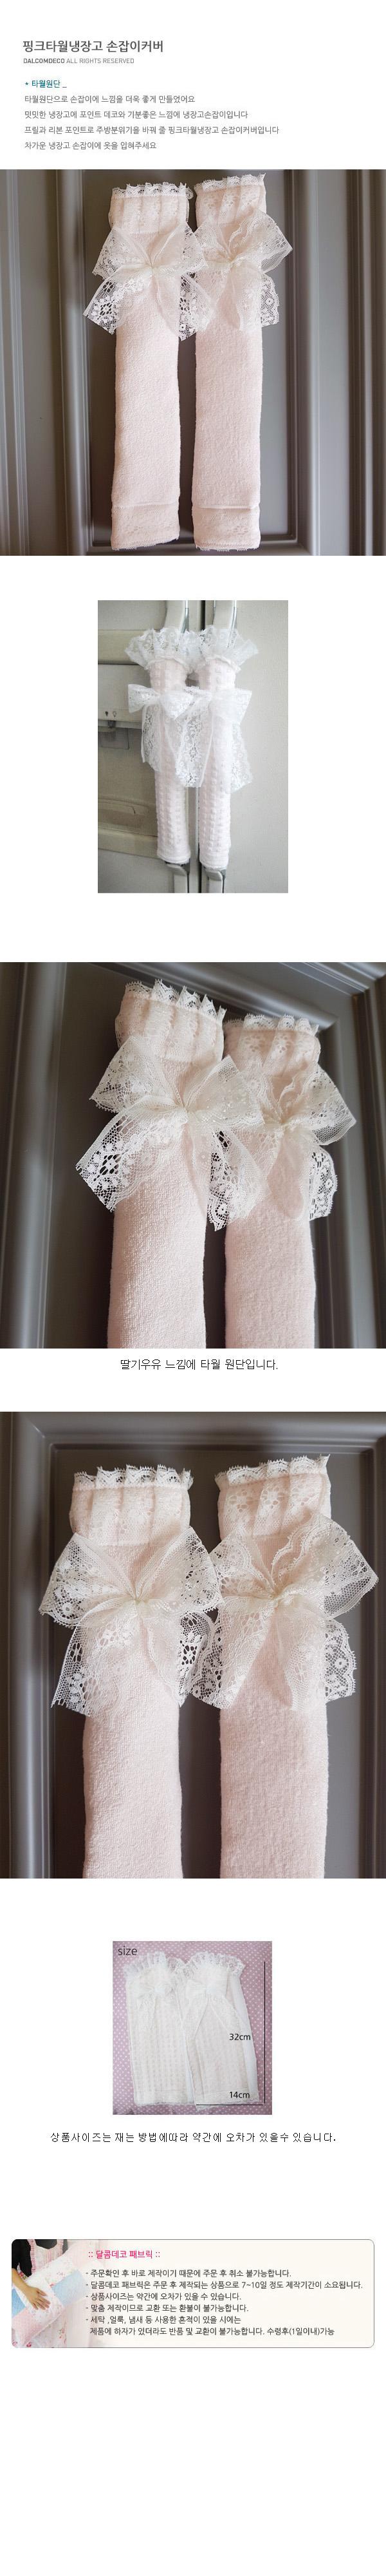 핑크타월 냉장고 손잡이커버 - 달콤데코, 16,500원, 커버류, 기타 커버류